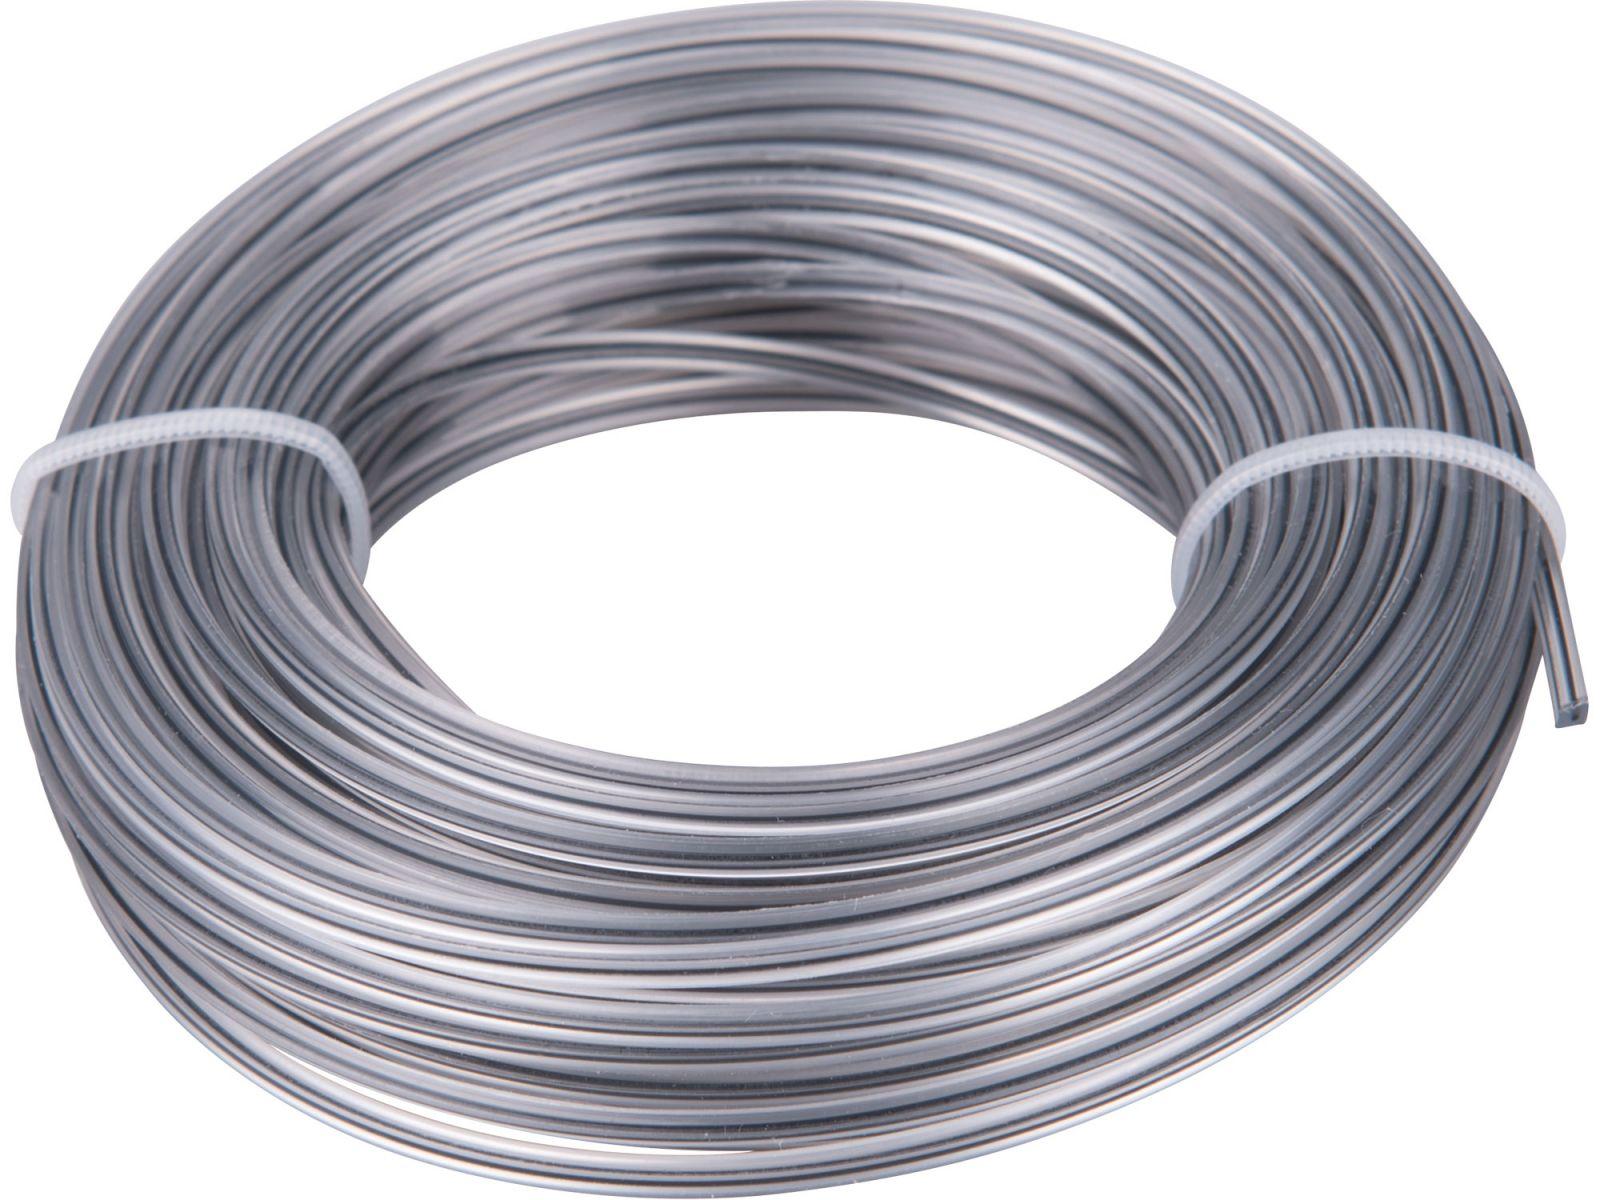 žací struna do sekačky s jádrem, čtvercový profil, 2,0mm, 15m, PA66